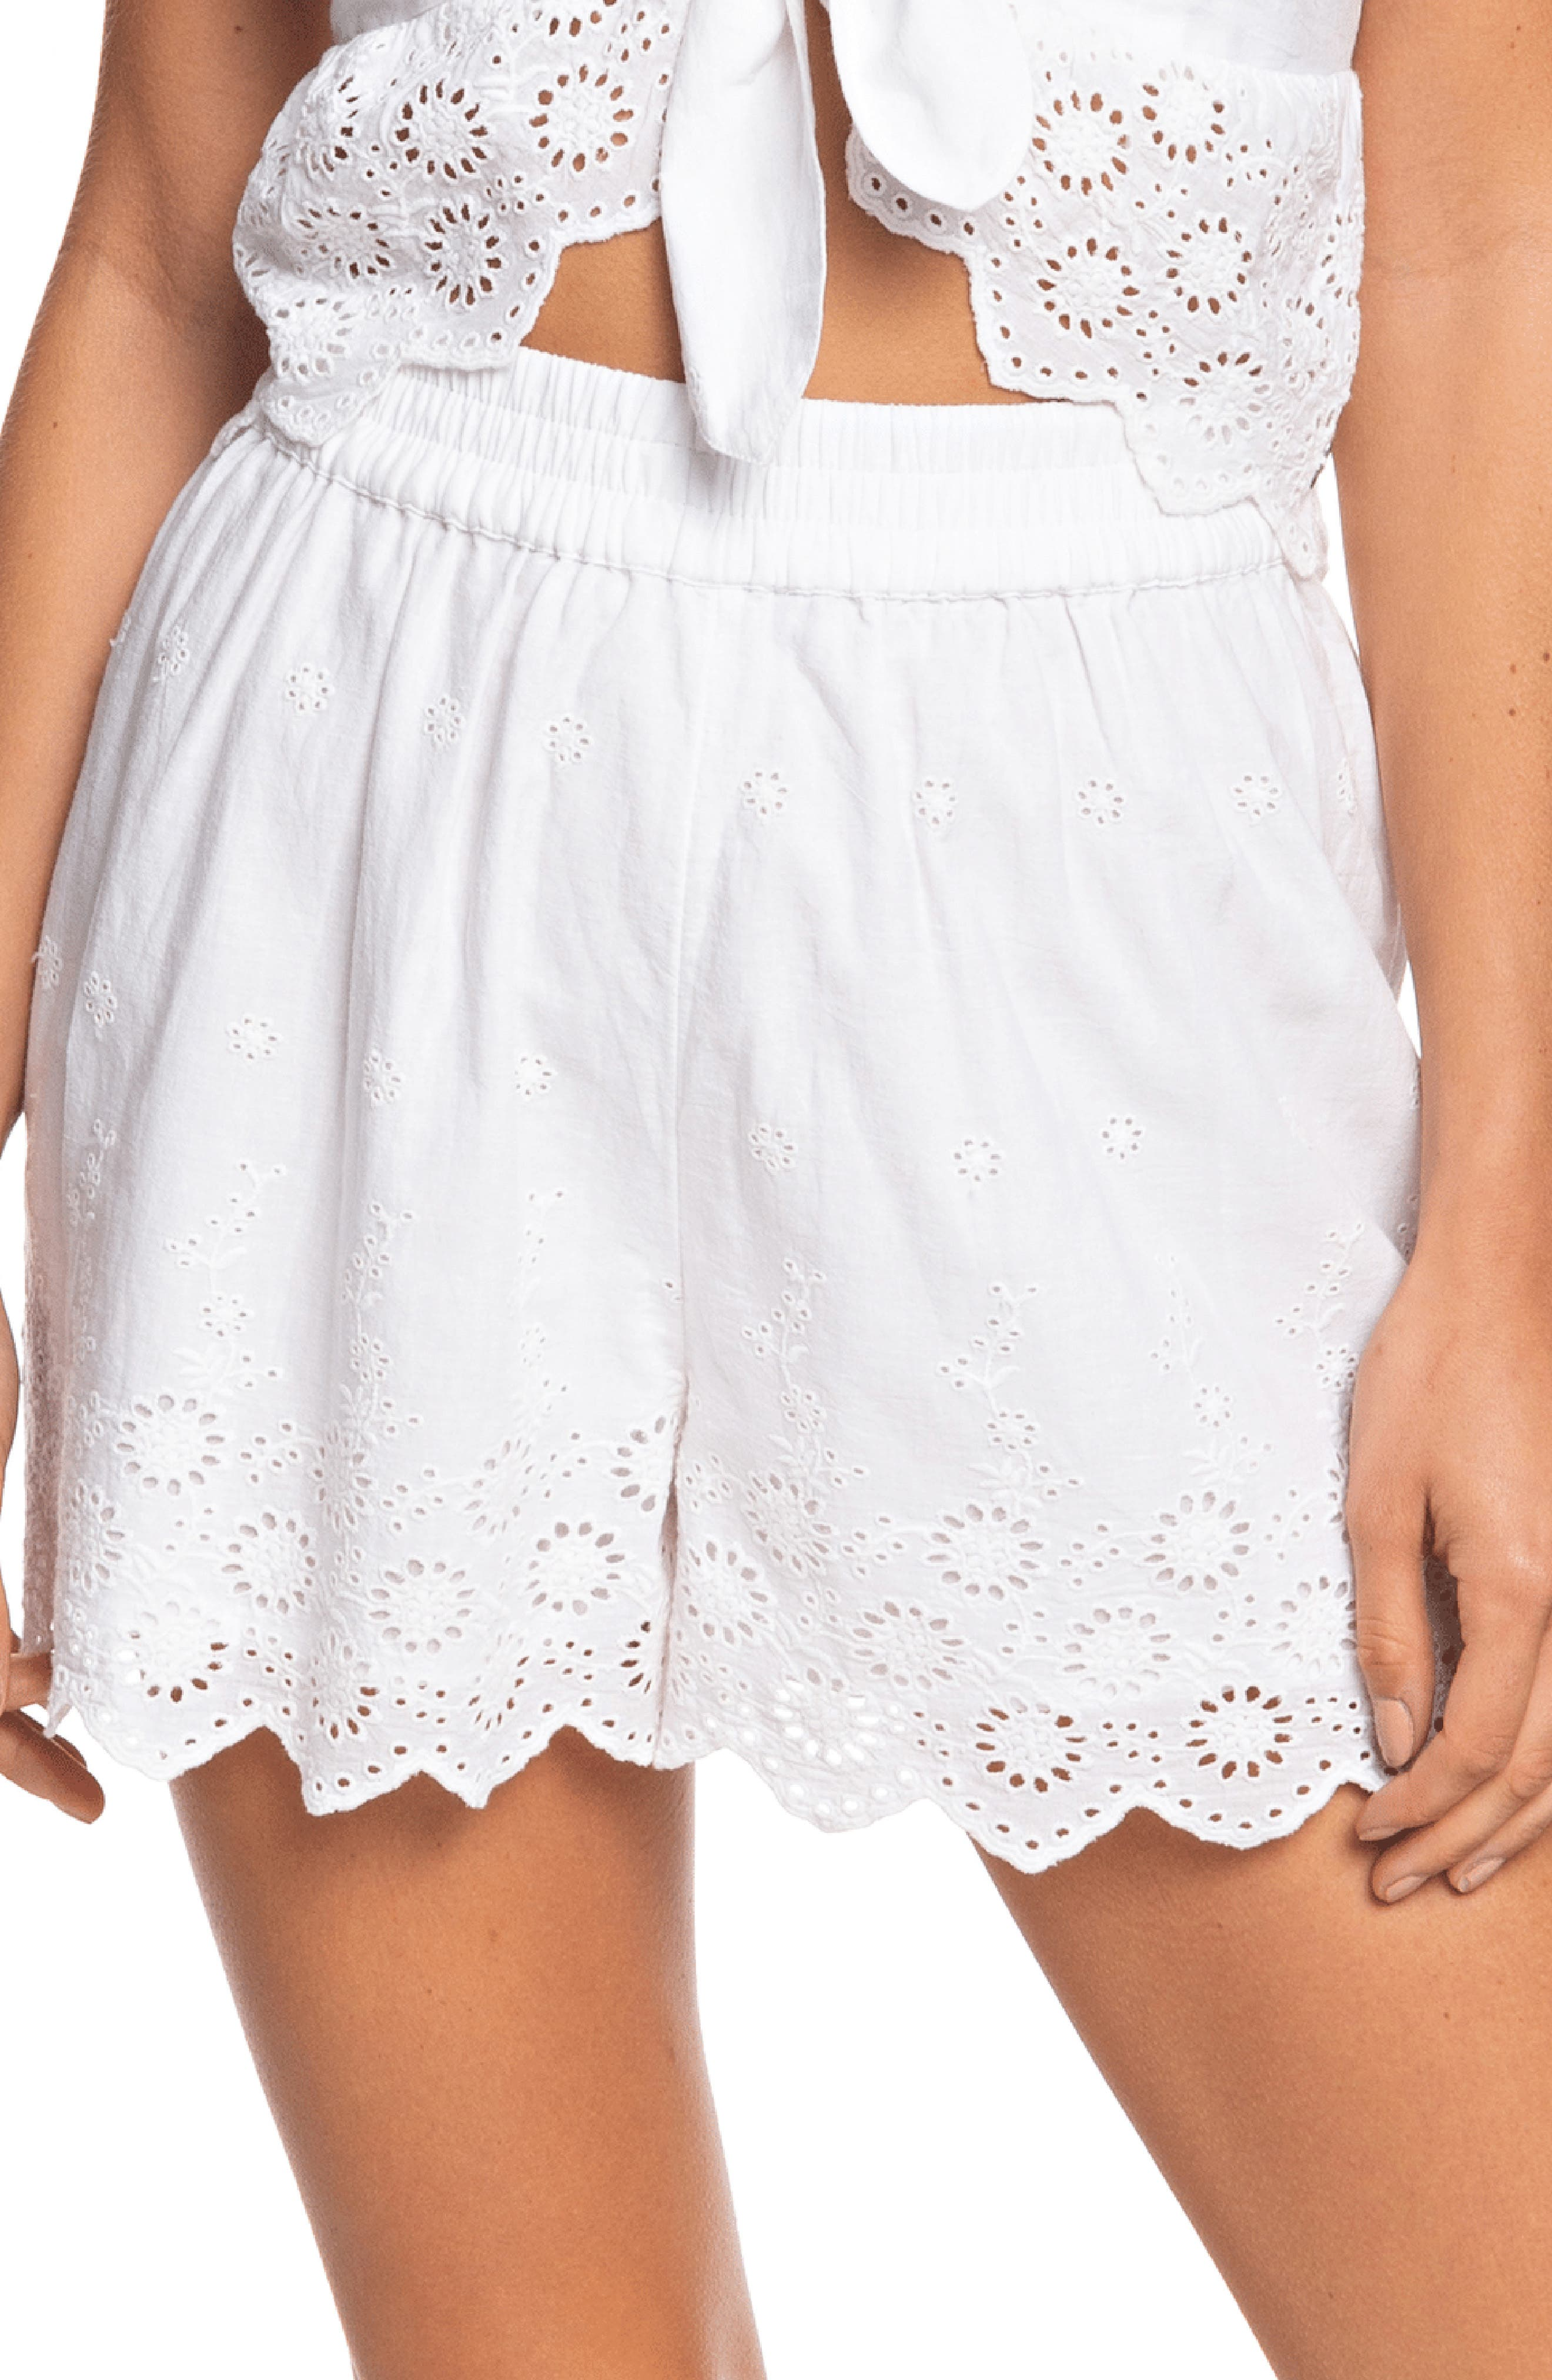 Cottagecore Clothing, Soft Aesthetic Womens Roxy Seaside City Cotton Eyelet Shorts $50.00 AT vintagedancer.com